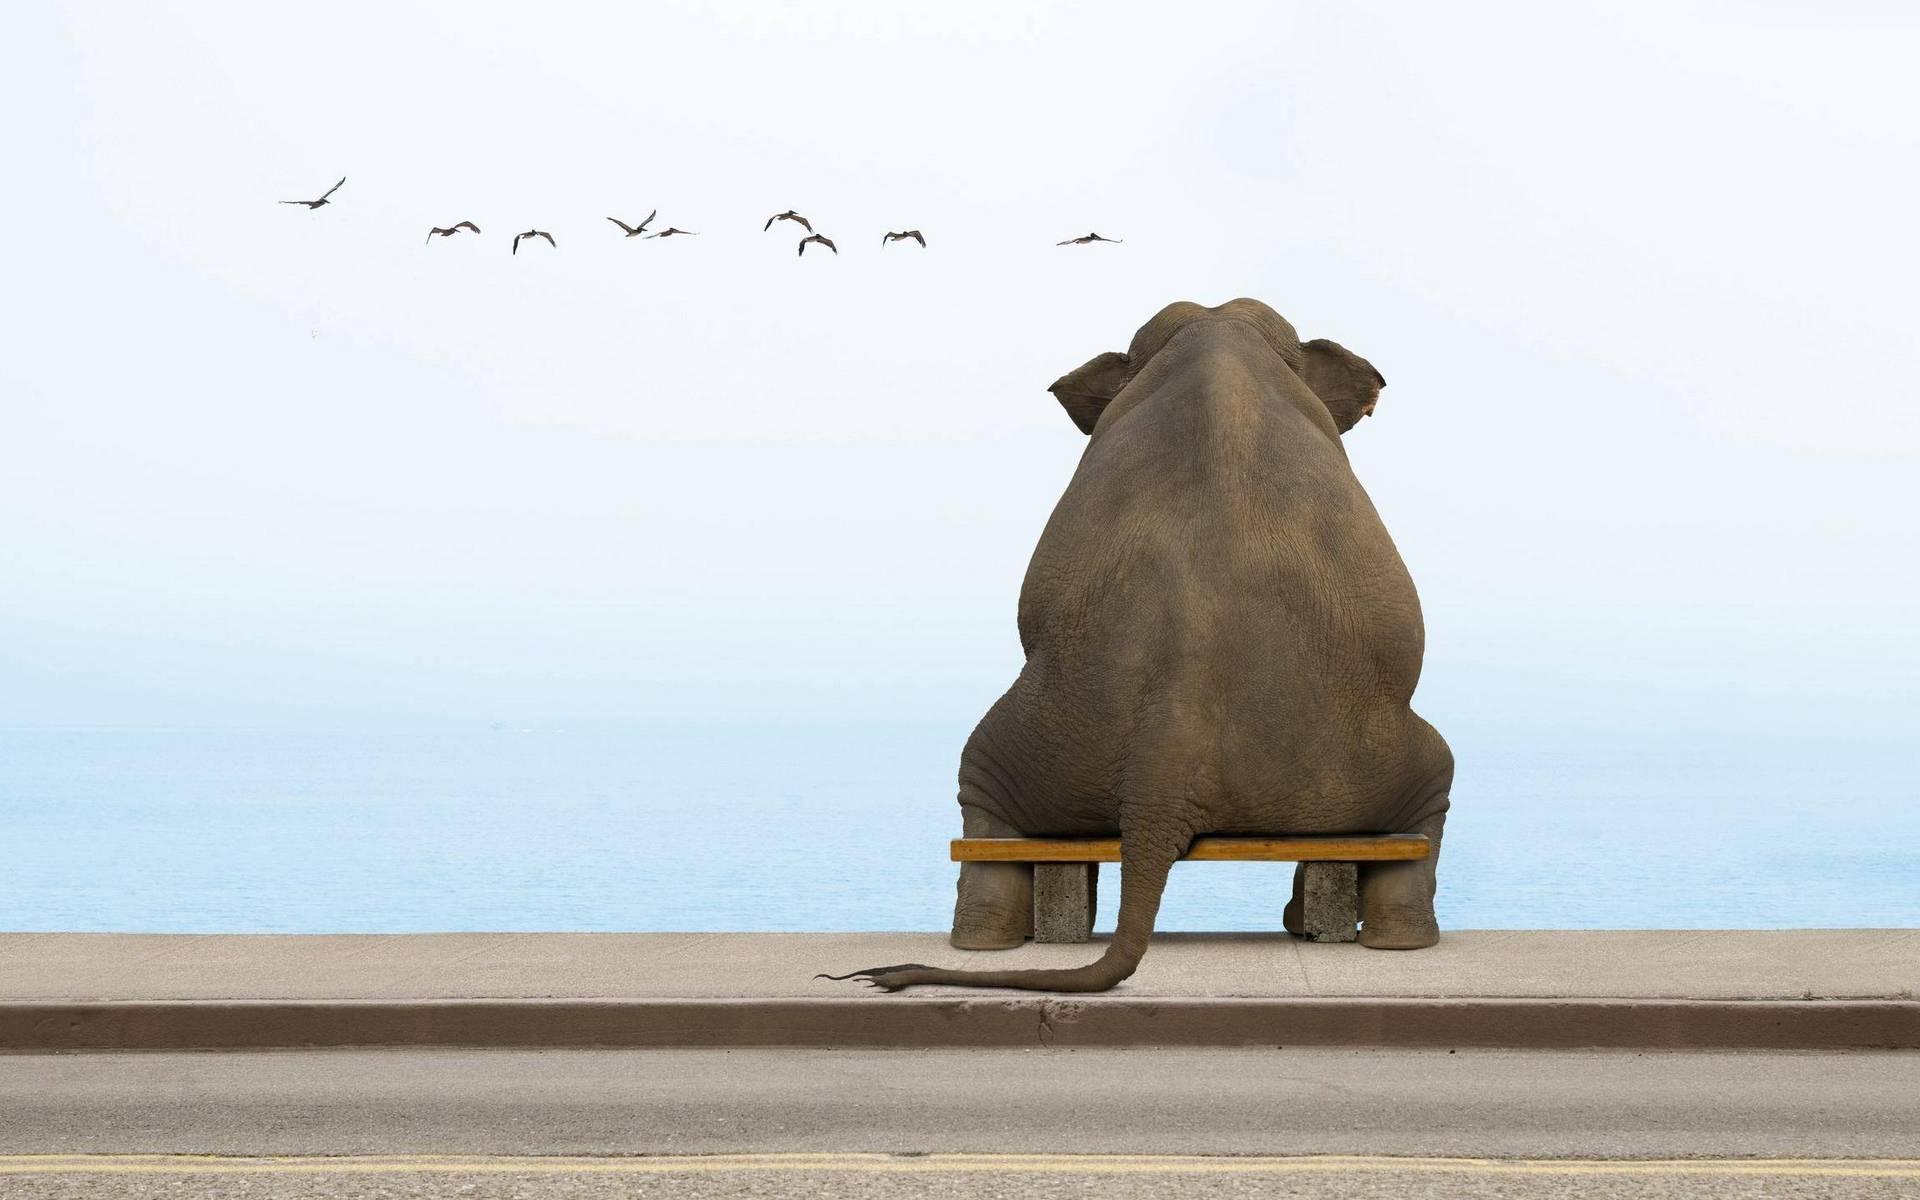 обои набережная, лавочка, слон, море картинки фото